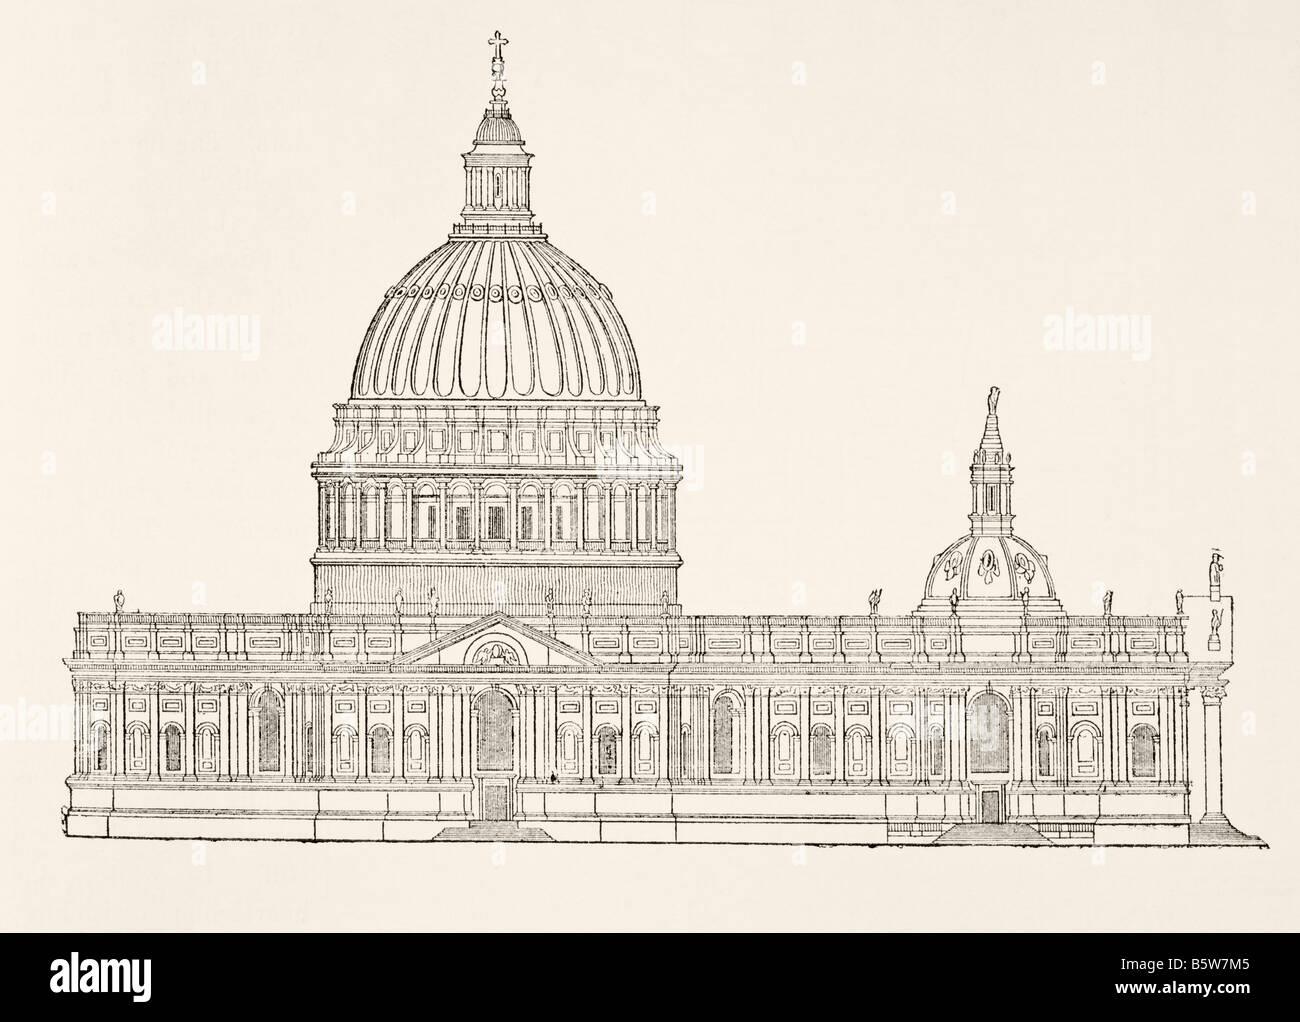 Christopher Wren s premier dessin ou modèle pour la nouvelle Cathédrale St Paul après le Grand Incendie de Londres Banque D'Images